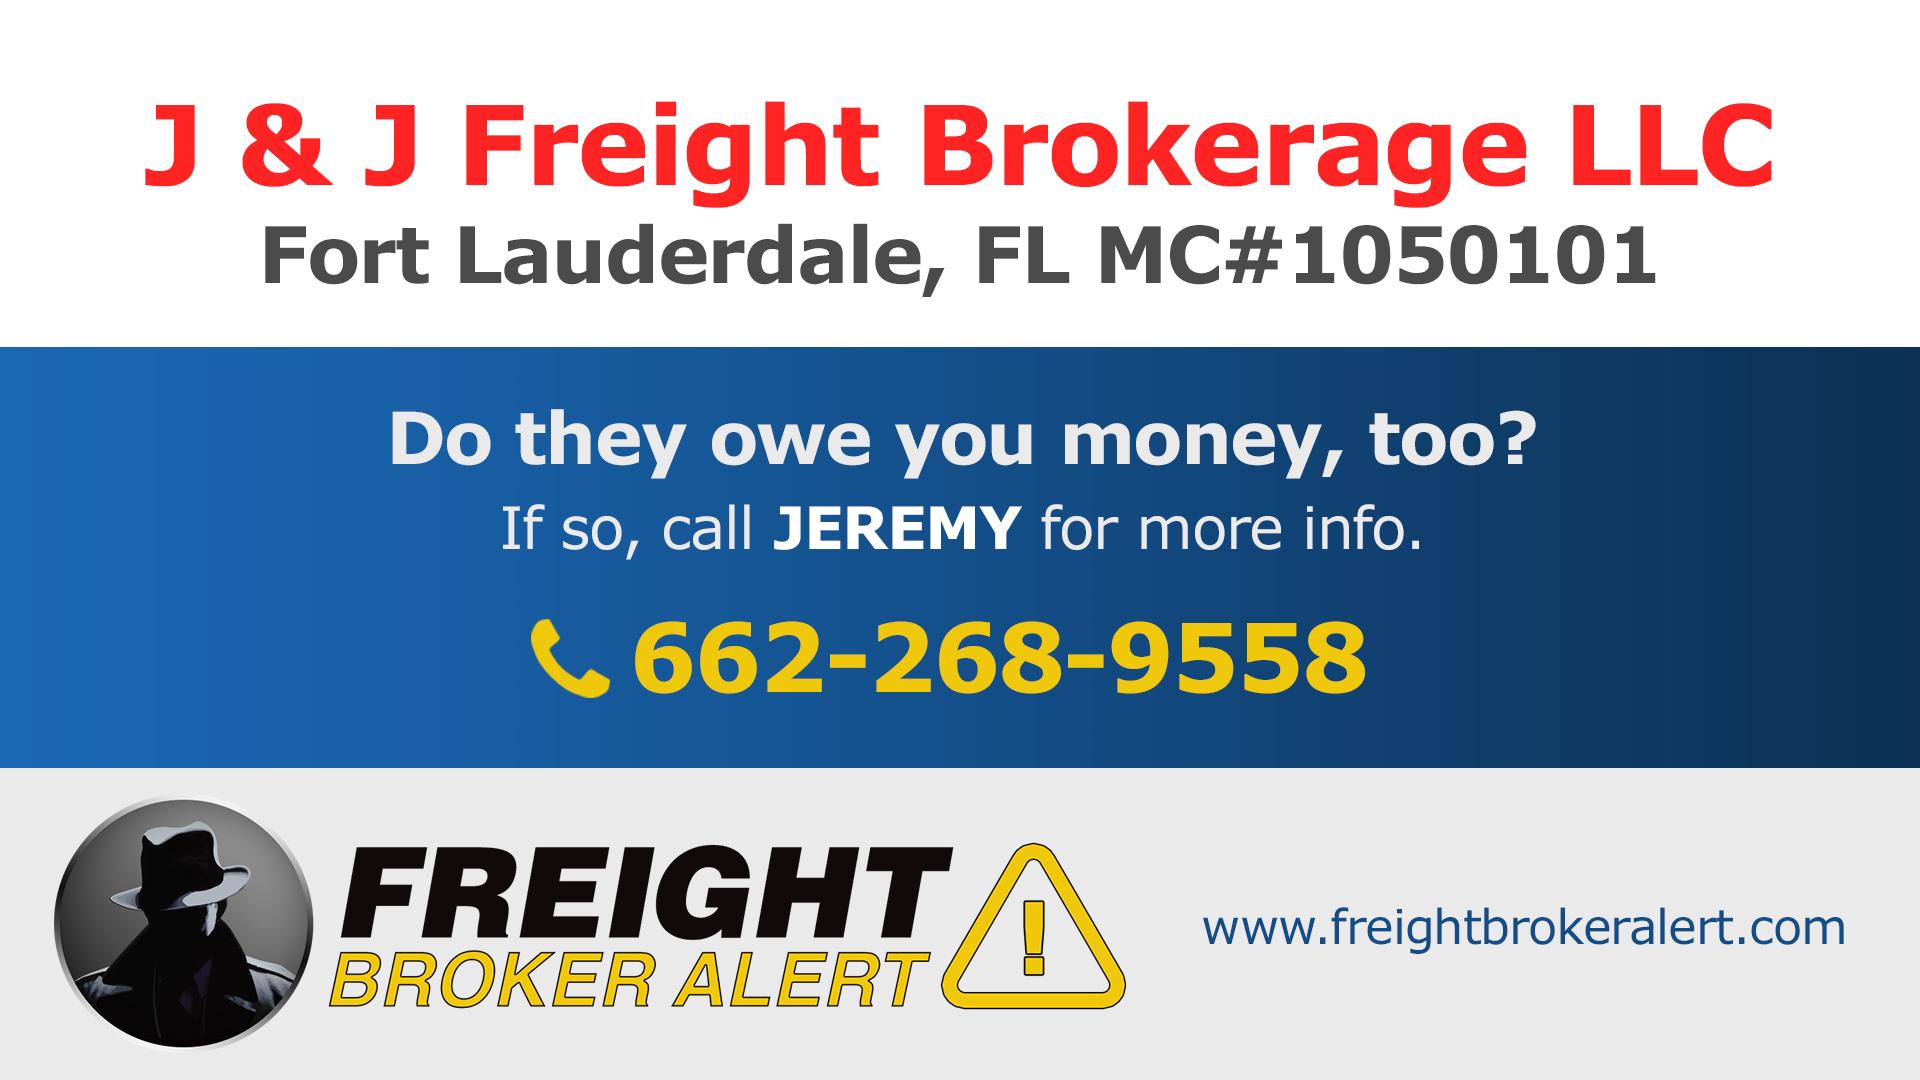 J & J Freight Brokerage LLC Florida